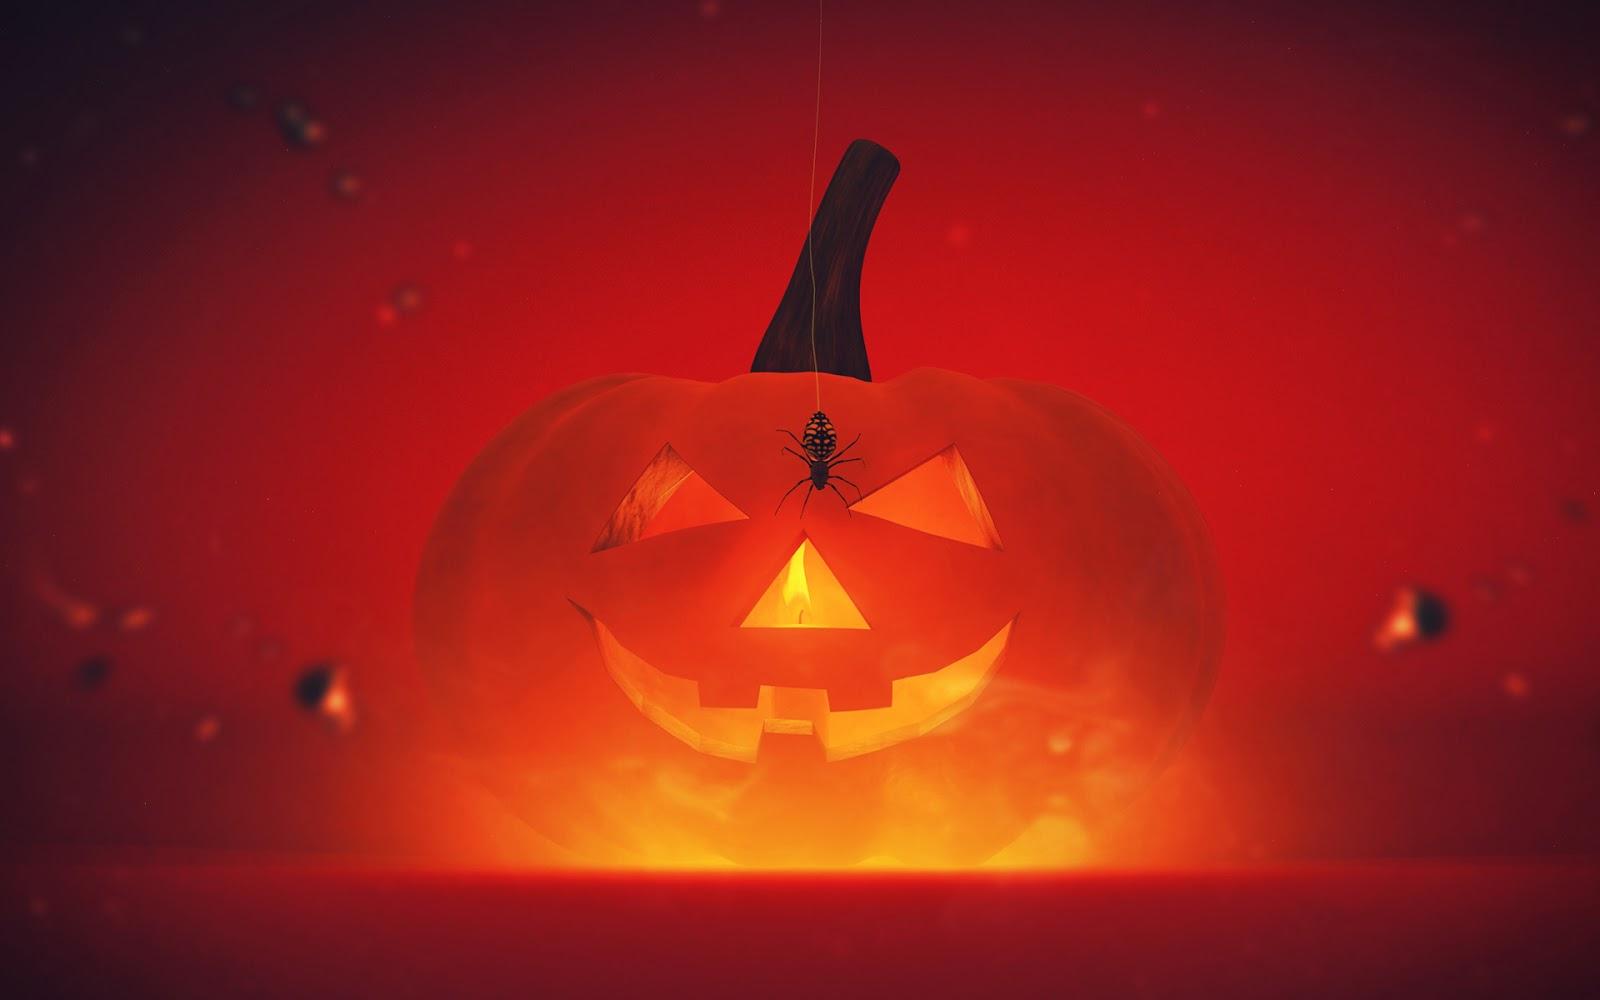 happy halloween background - photo #41